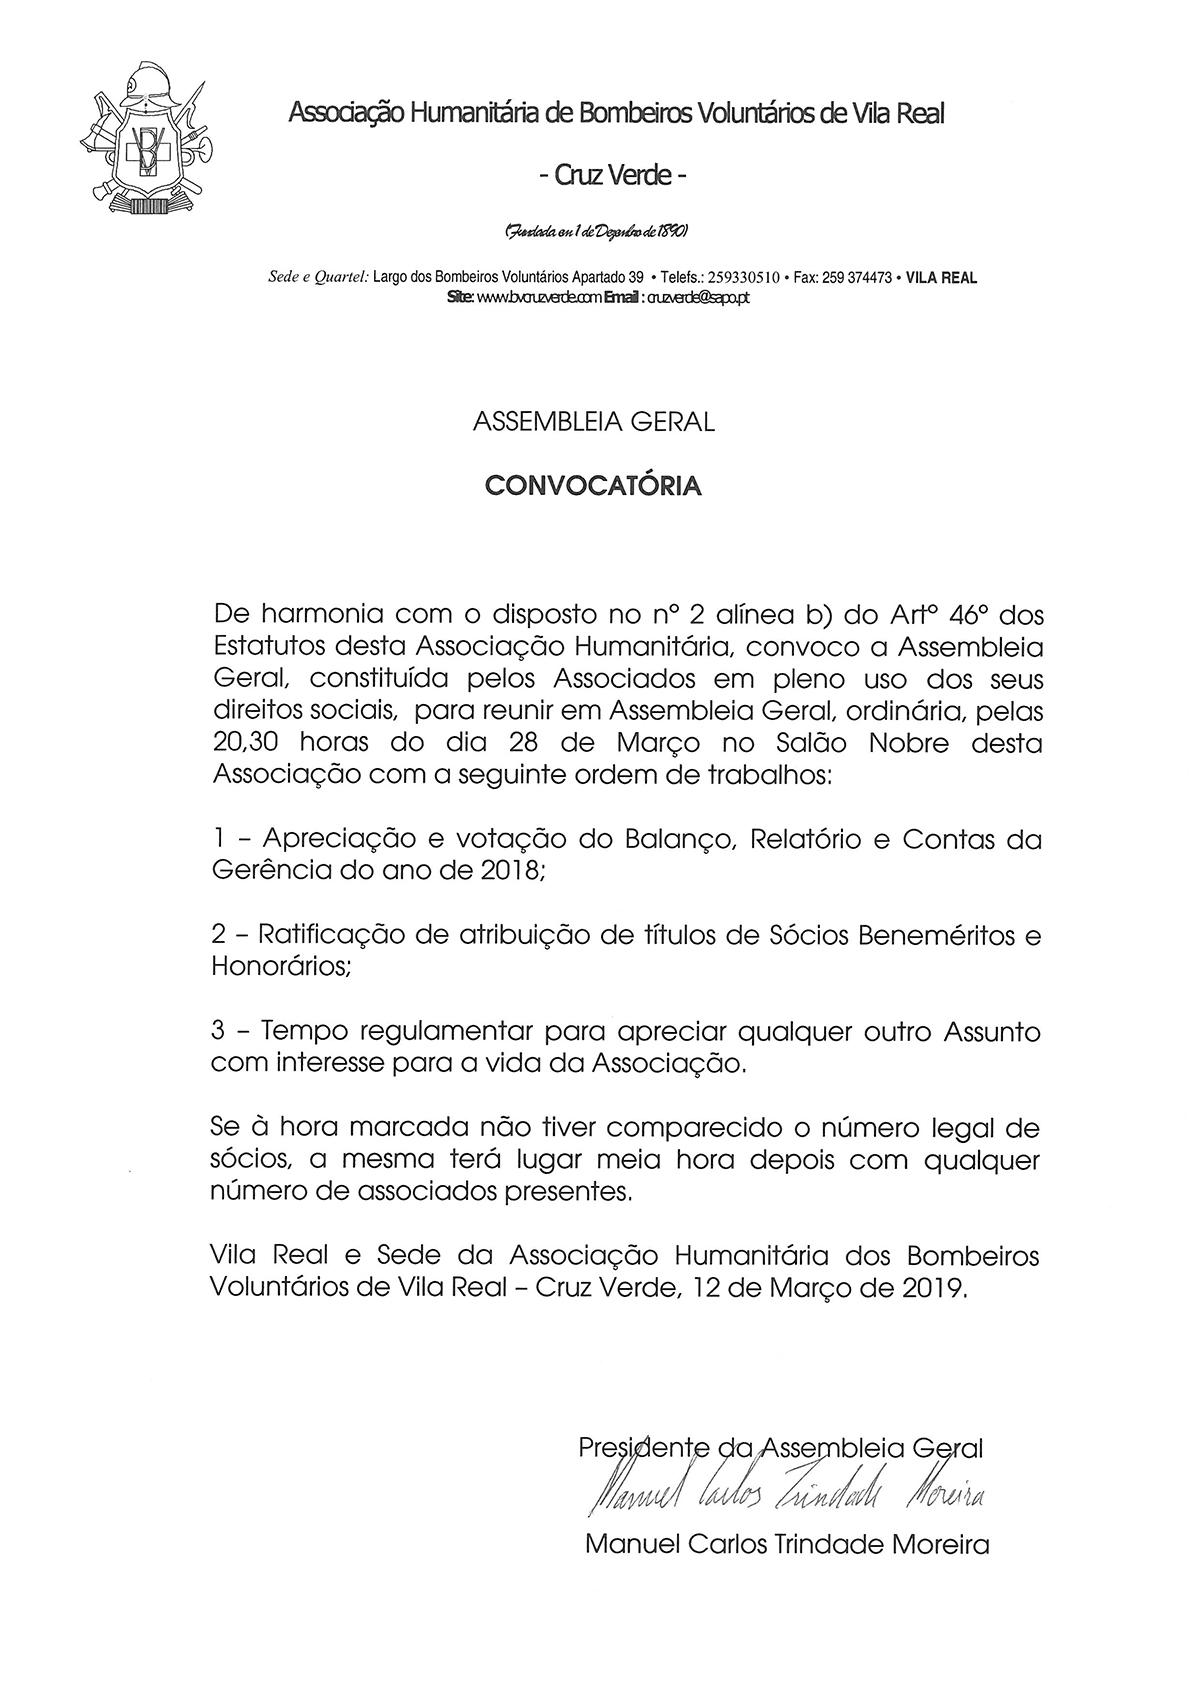 Assembleia-Gera-lConvocatoria-28-03-2019